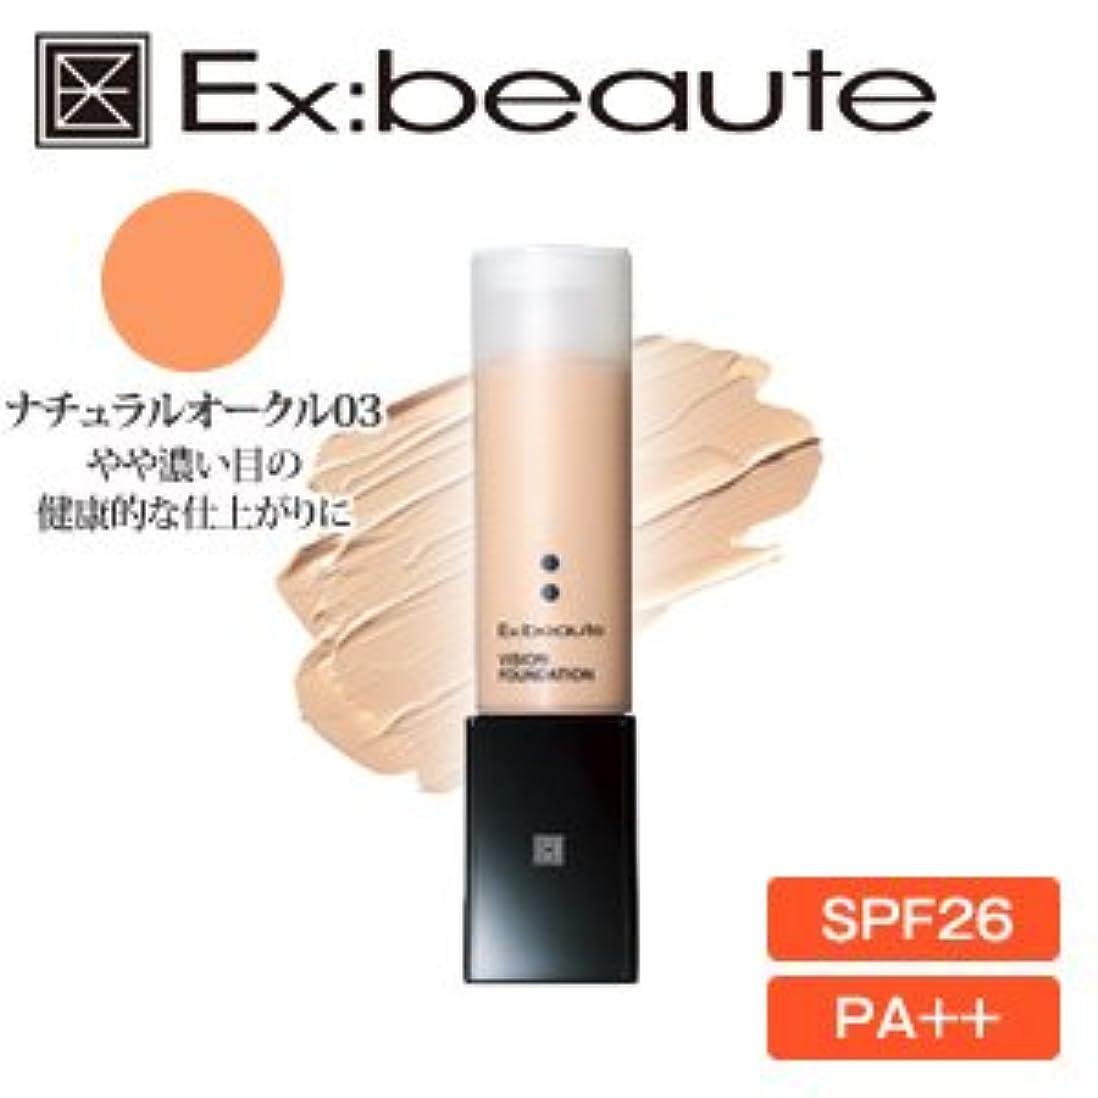 Ex:beaute (エクスボーテ) ビジョンファンデーション リキッドマットタイプ ナチュラルオークル03